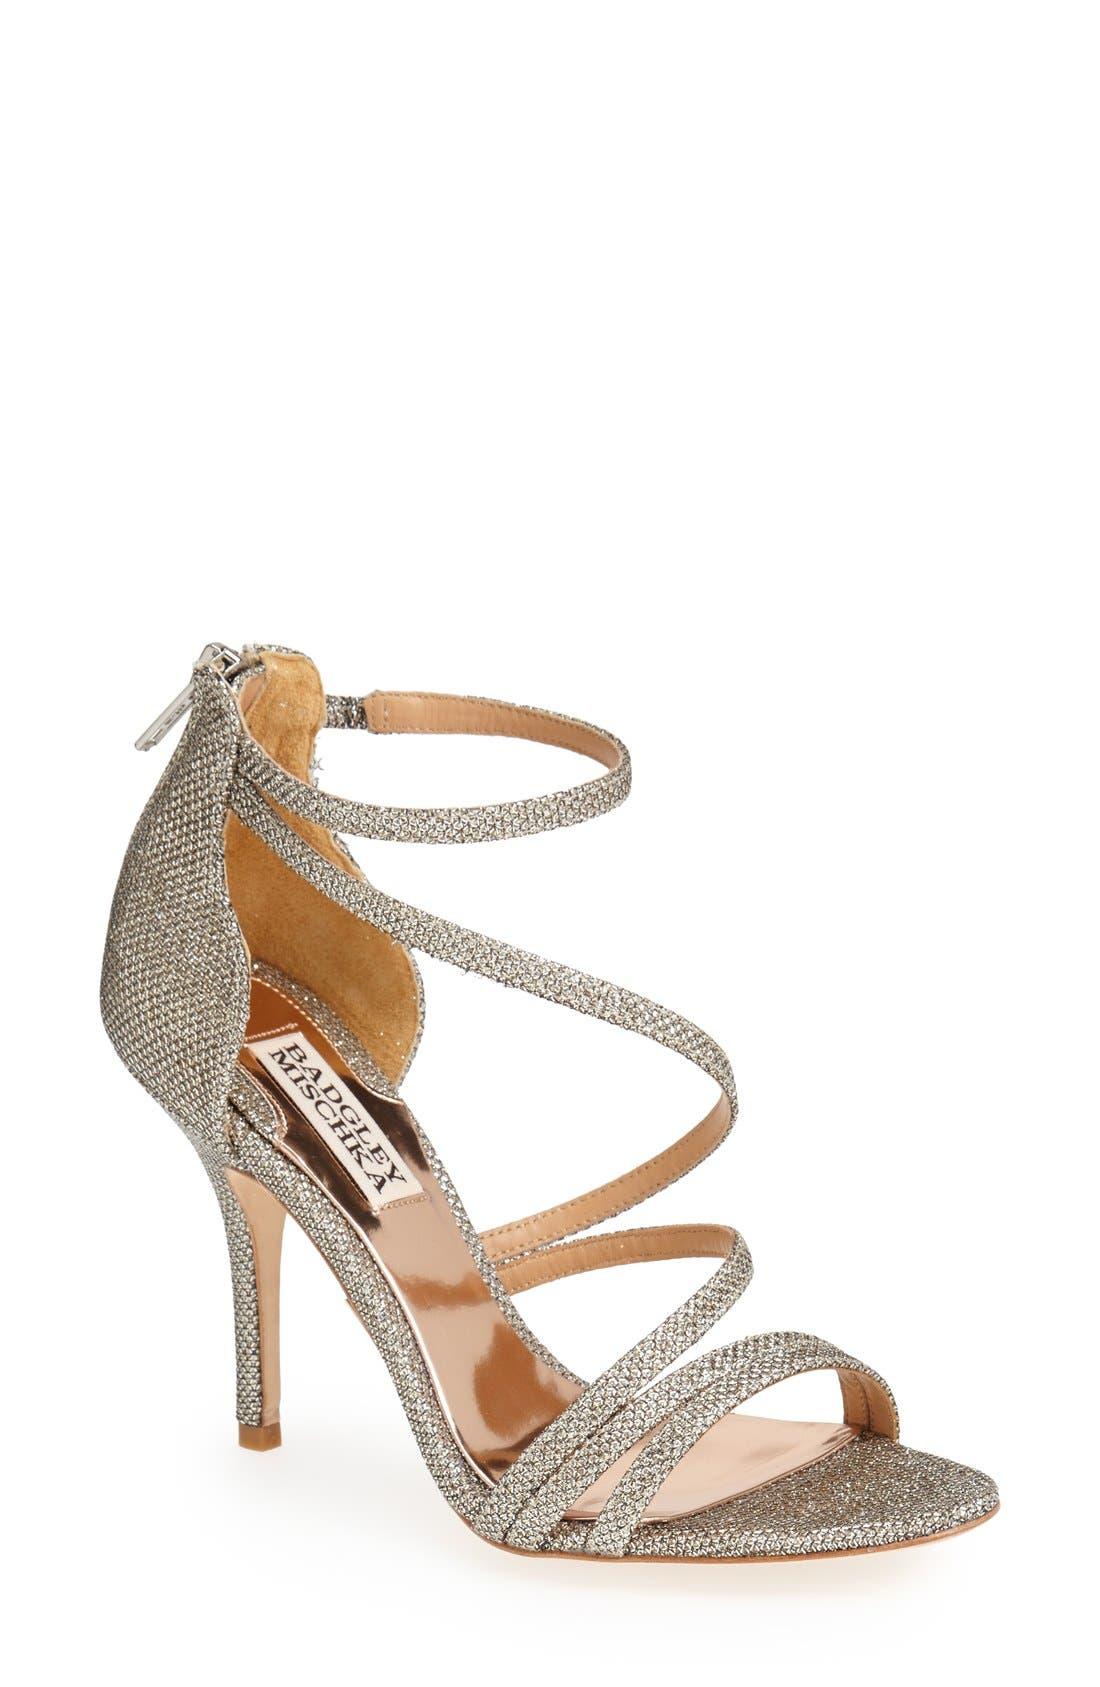 Alternate Image 1 Selected - Badgley Mischka 'Landmark' Ankle Strap Sandal (Women)